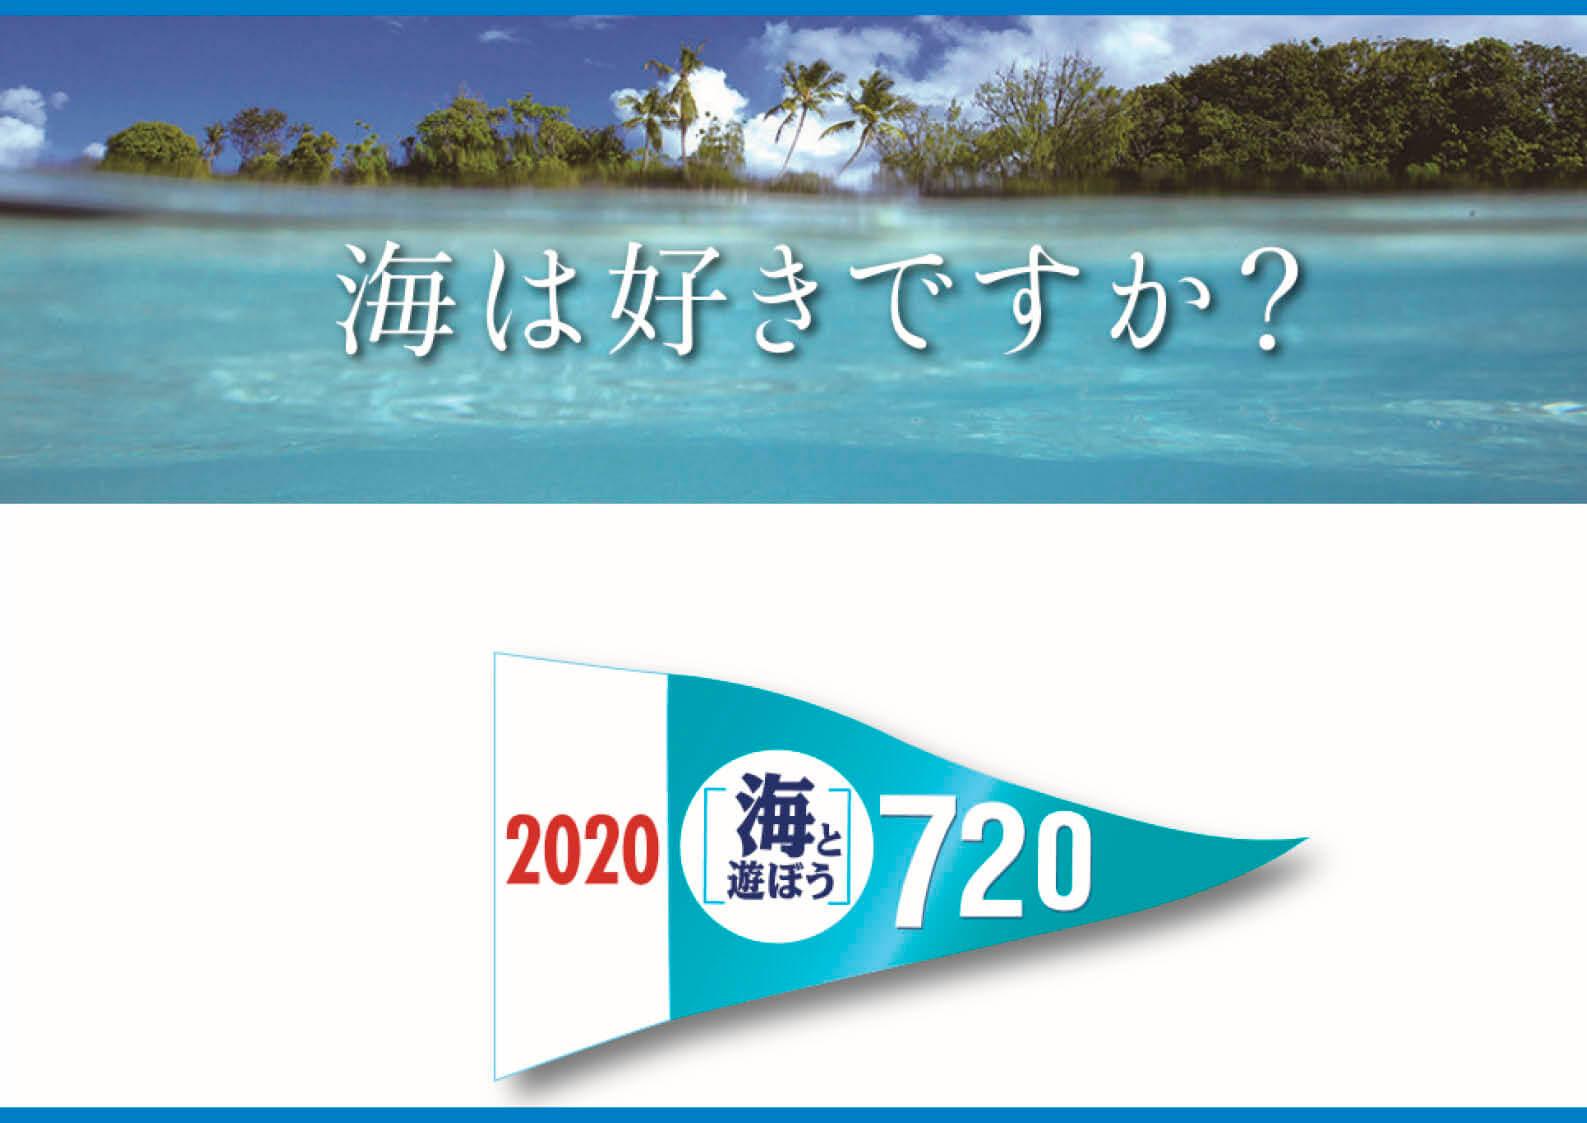 2020年 海と遊ぼう「720キャンペーン」ただ今、協力艇募集中! ジェットスキー(水上バイク)